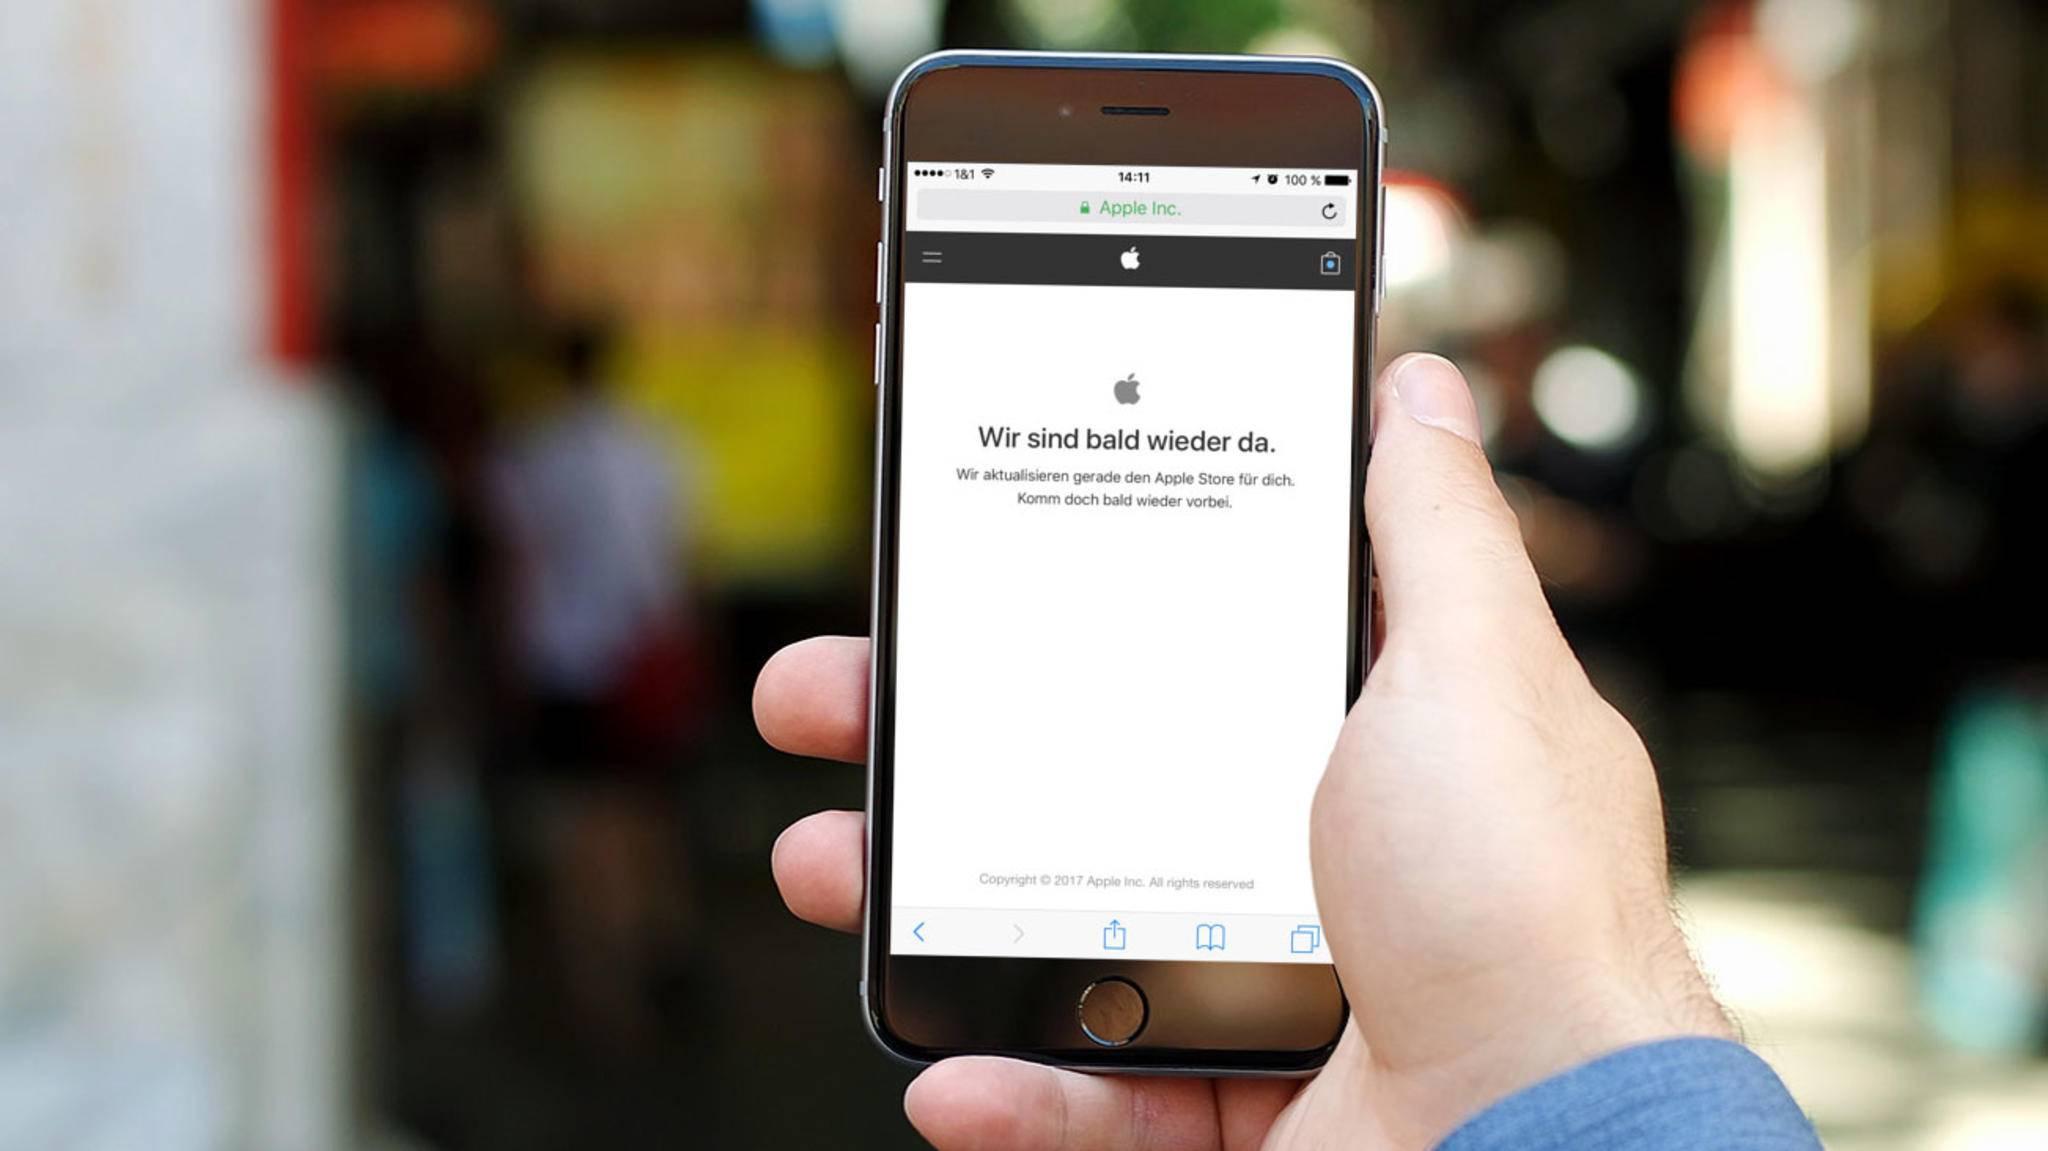 Die Verbindung zum App Store lässt sich in der Regel einfach wiederherstellen.